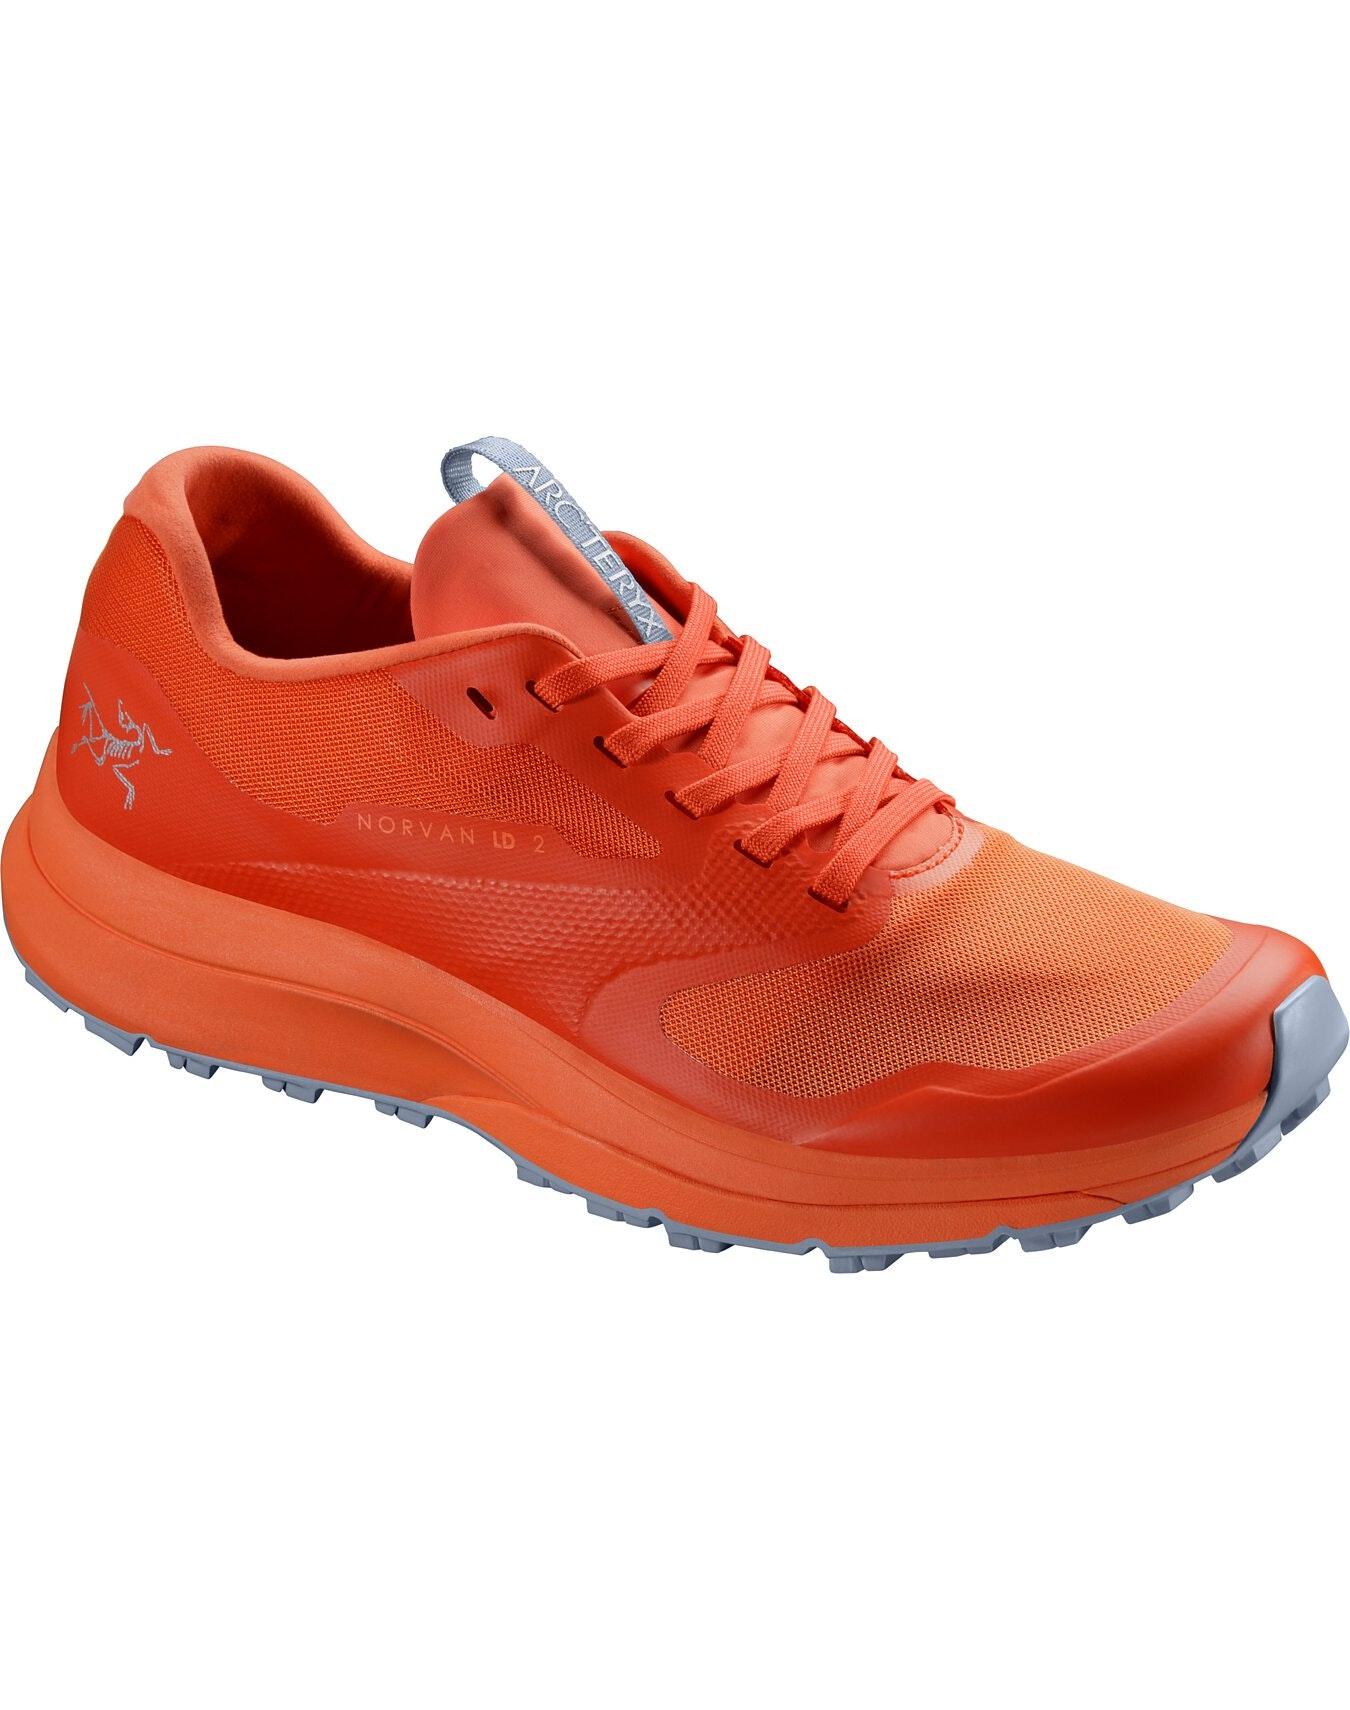 Norvan LD 2 Shoe Astro Eden/Aeroscene